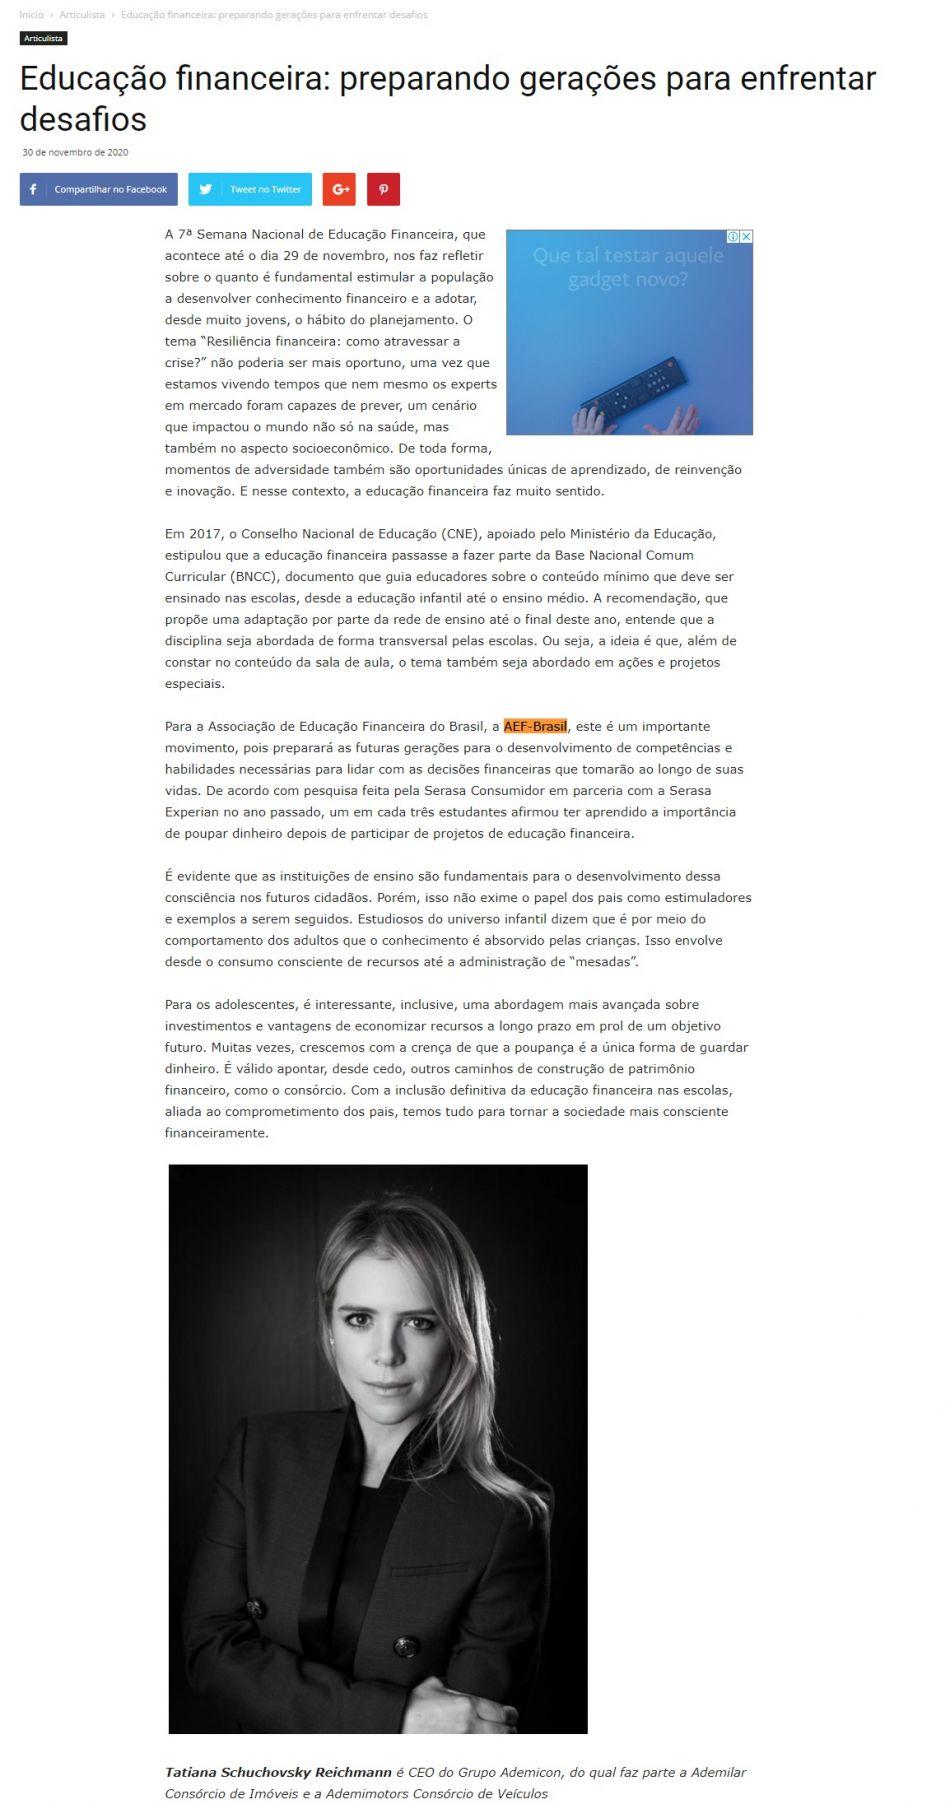 Educação financeira: preparando gerações para enfrentar desafios - Jornal O Município